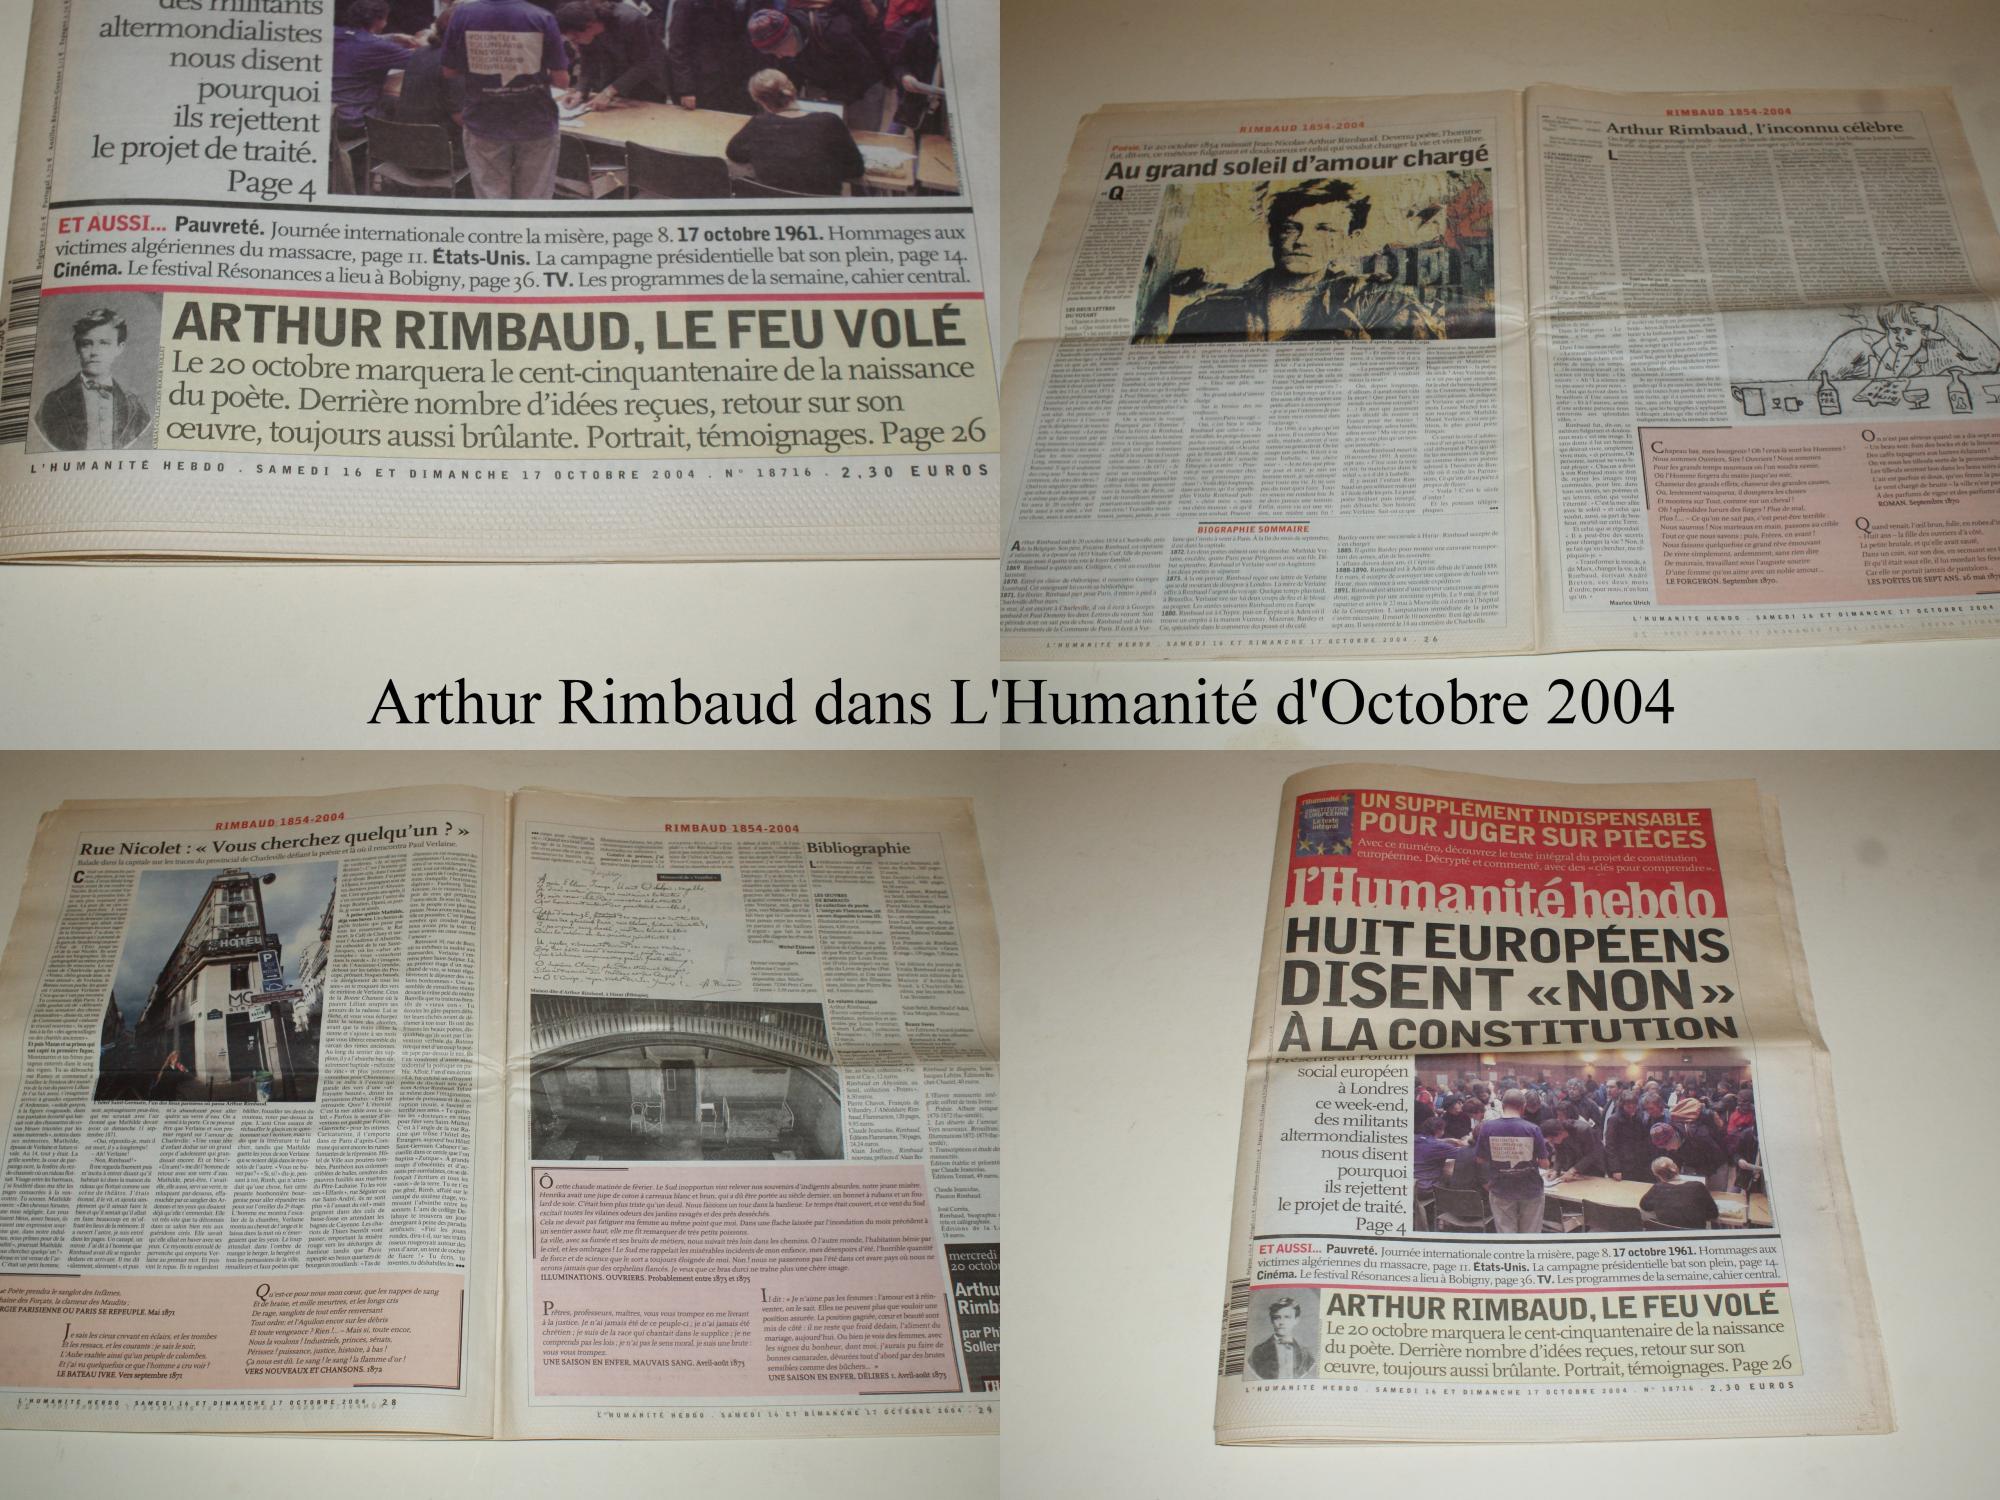 Arthur Rimbaud Dans Lhumanité Hebdo N